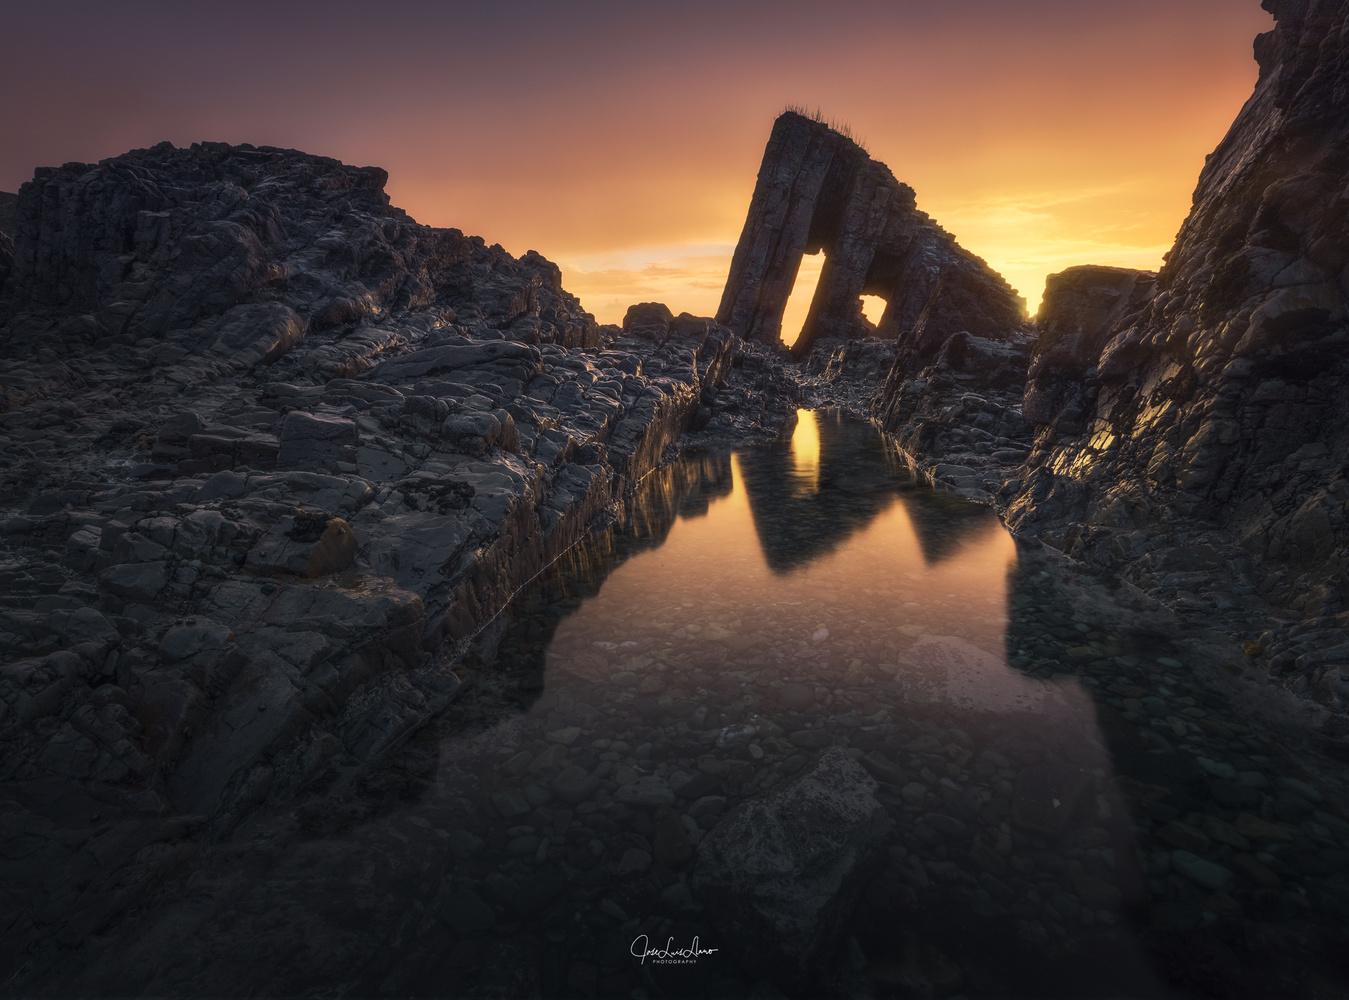 Sunset on the Vallina beach by Jose Luis Llano